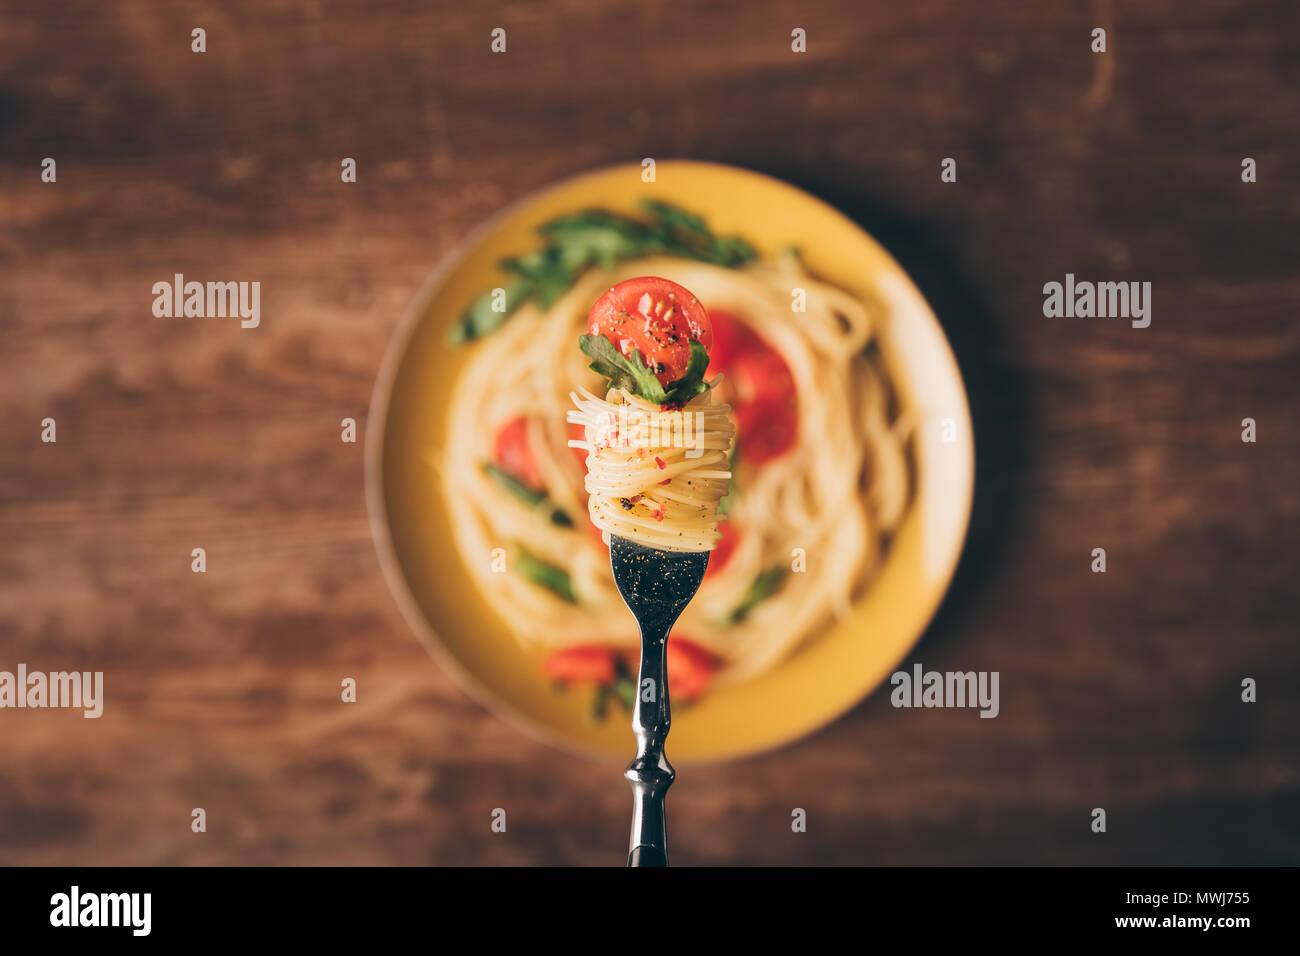 El enfoque selectivo de pasta italiana tradicional en la horquilla Imagen De Stock